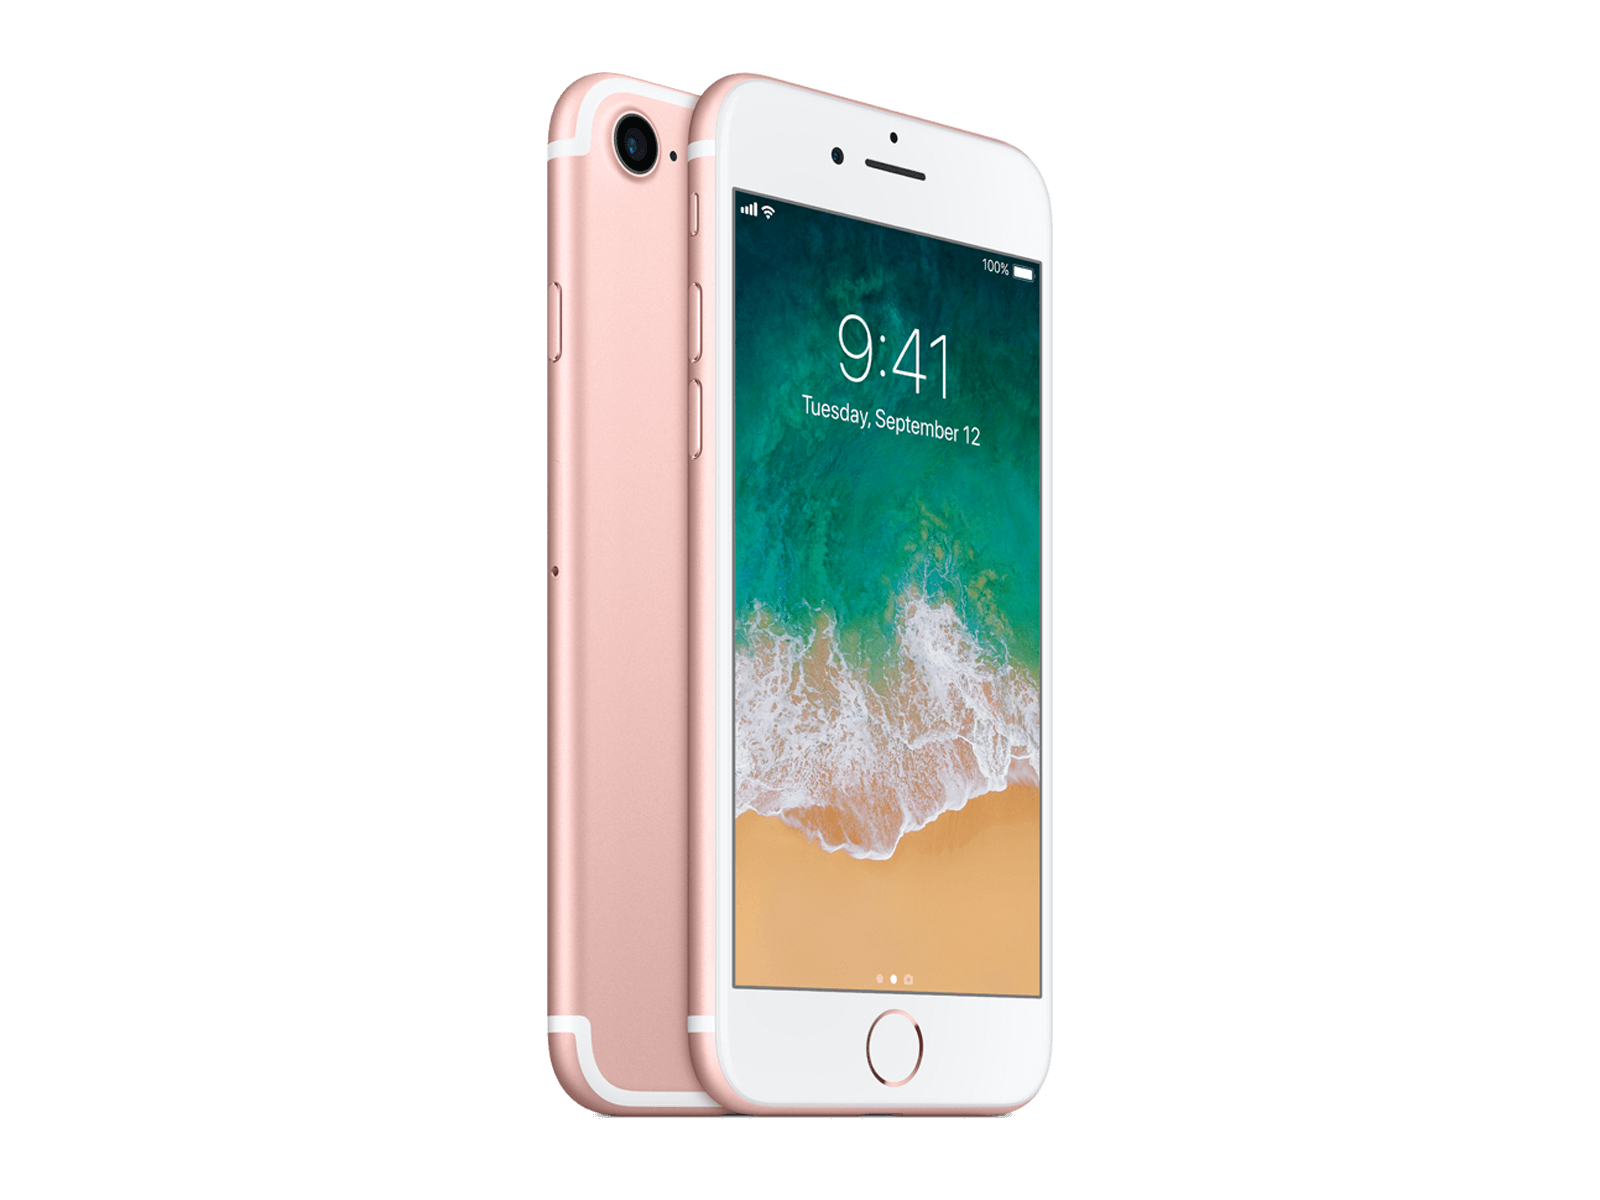 Tidsmæssigt Køb iPhone 7 128 GB, Rose Gold |  Humac Premium Reseller OU-37